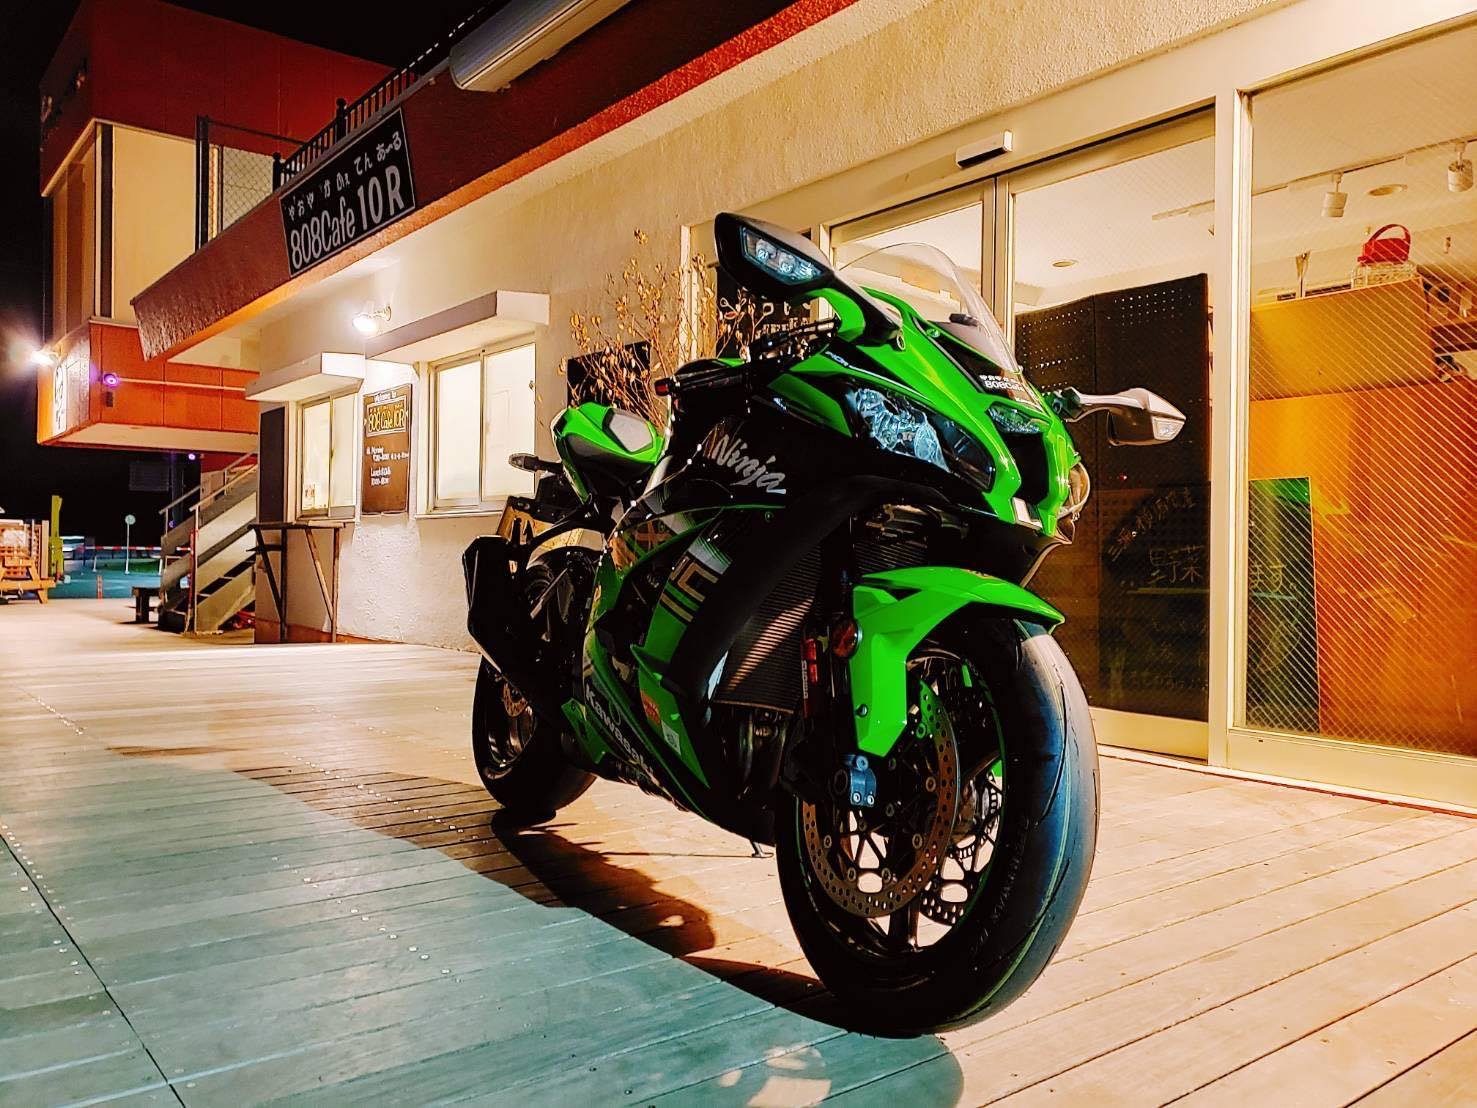 【号外】君はバイクに乗るだろう 第9号 新規直販店様ご紹介 その2_f0203027_12511007.jpg